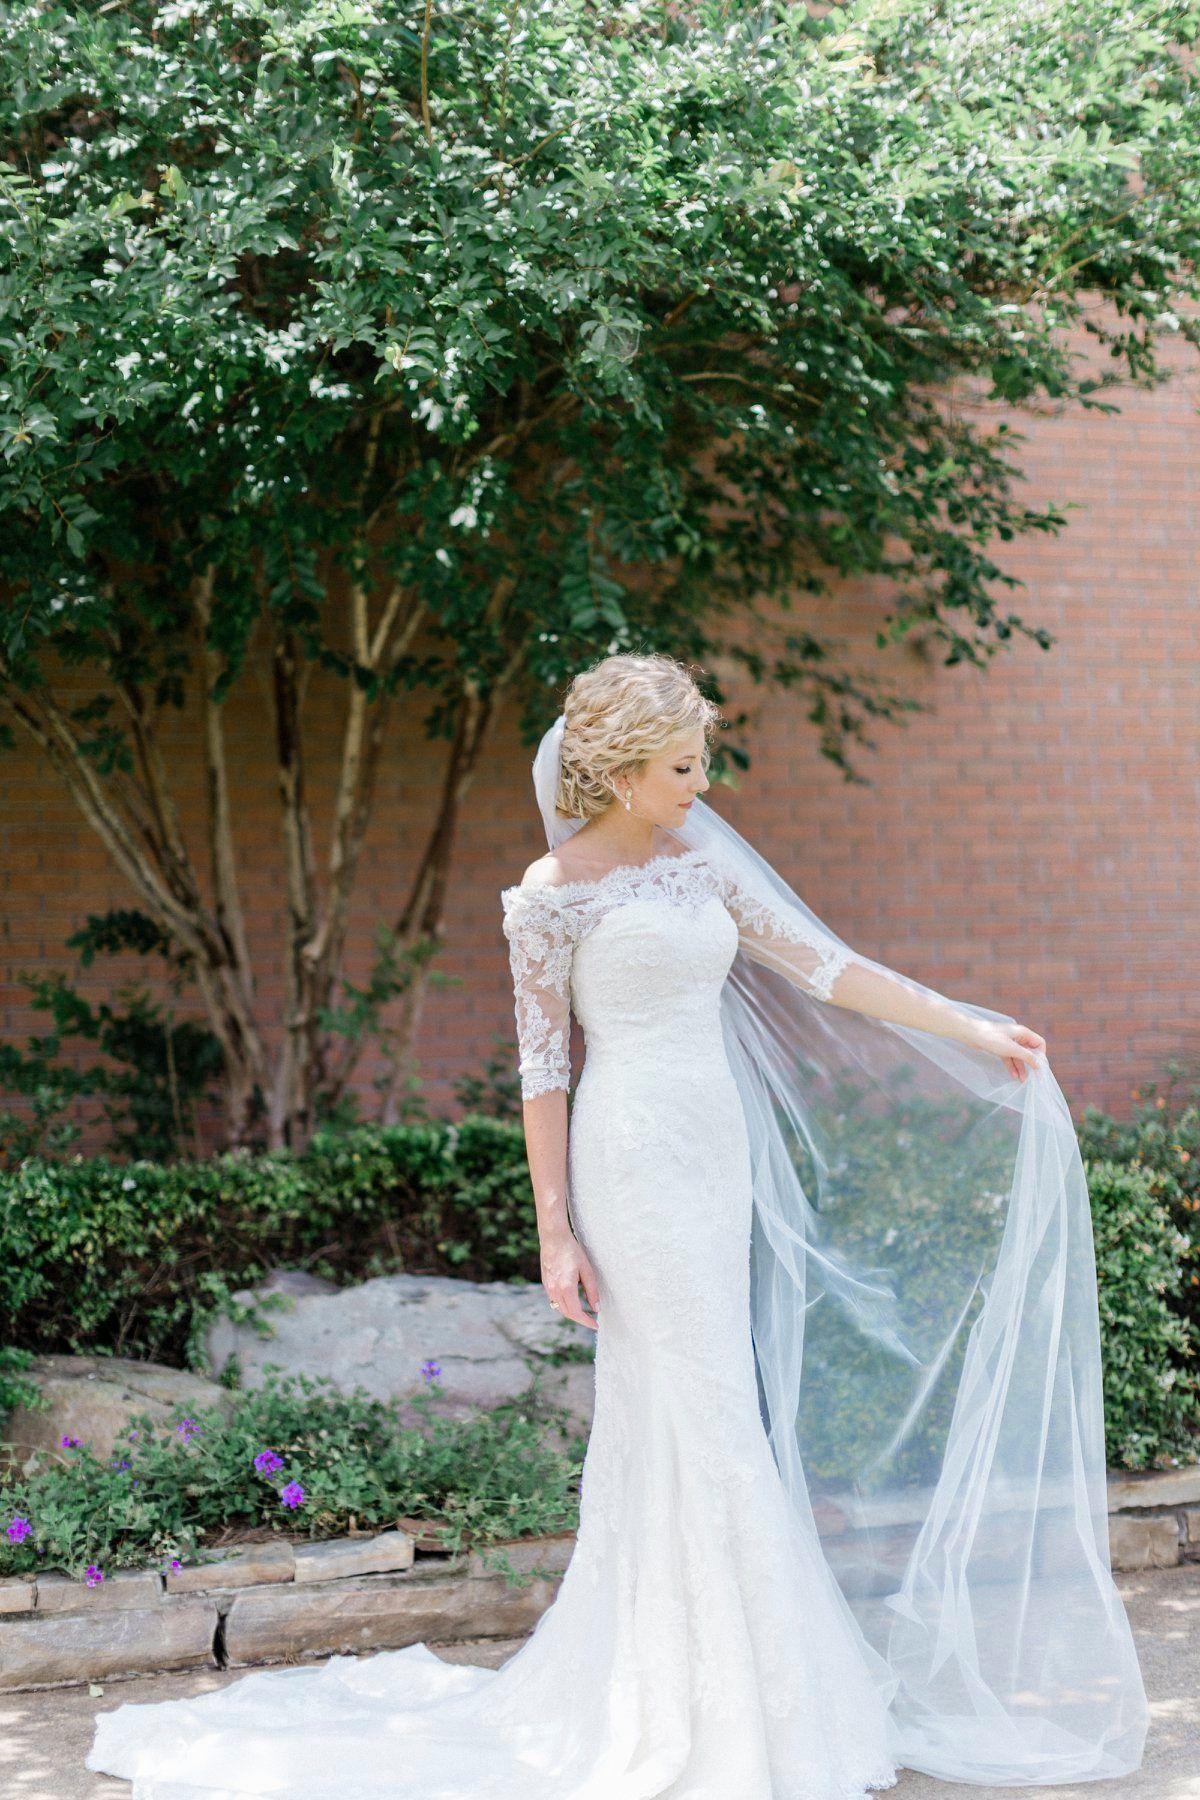 Pronovias White One Famosa Wedding Gown Wedding Dresses Lace White Bridal Wedding Dresses [ 1800 x 1200 Pixel ]